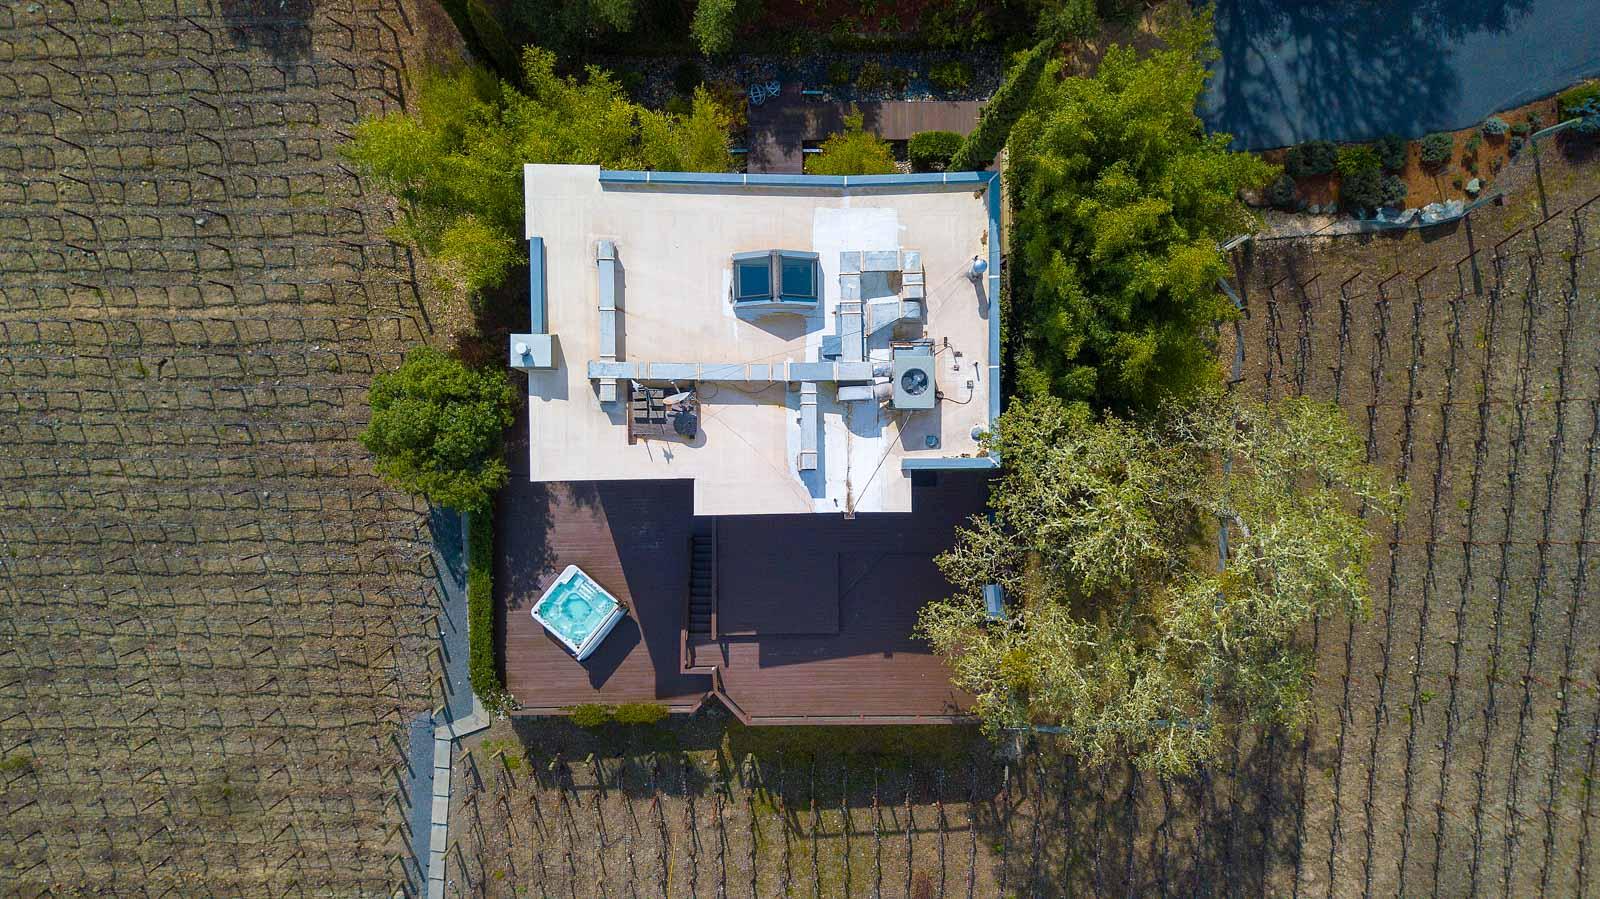 4982-W-Soda-Rock-Ln-Heladsburg-Aerials (2 of 5).jpg